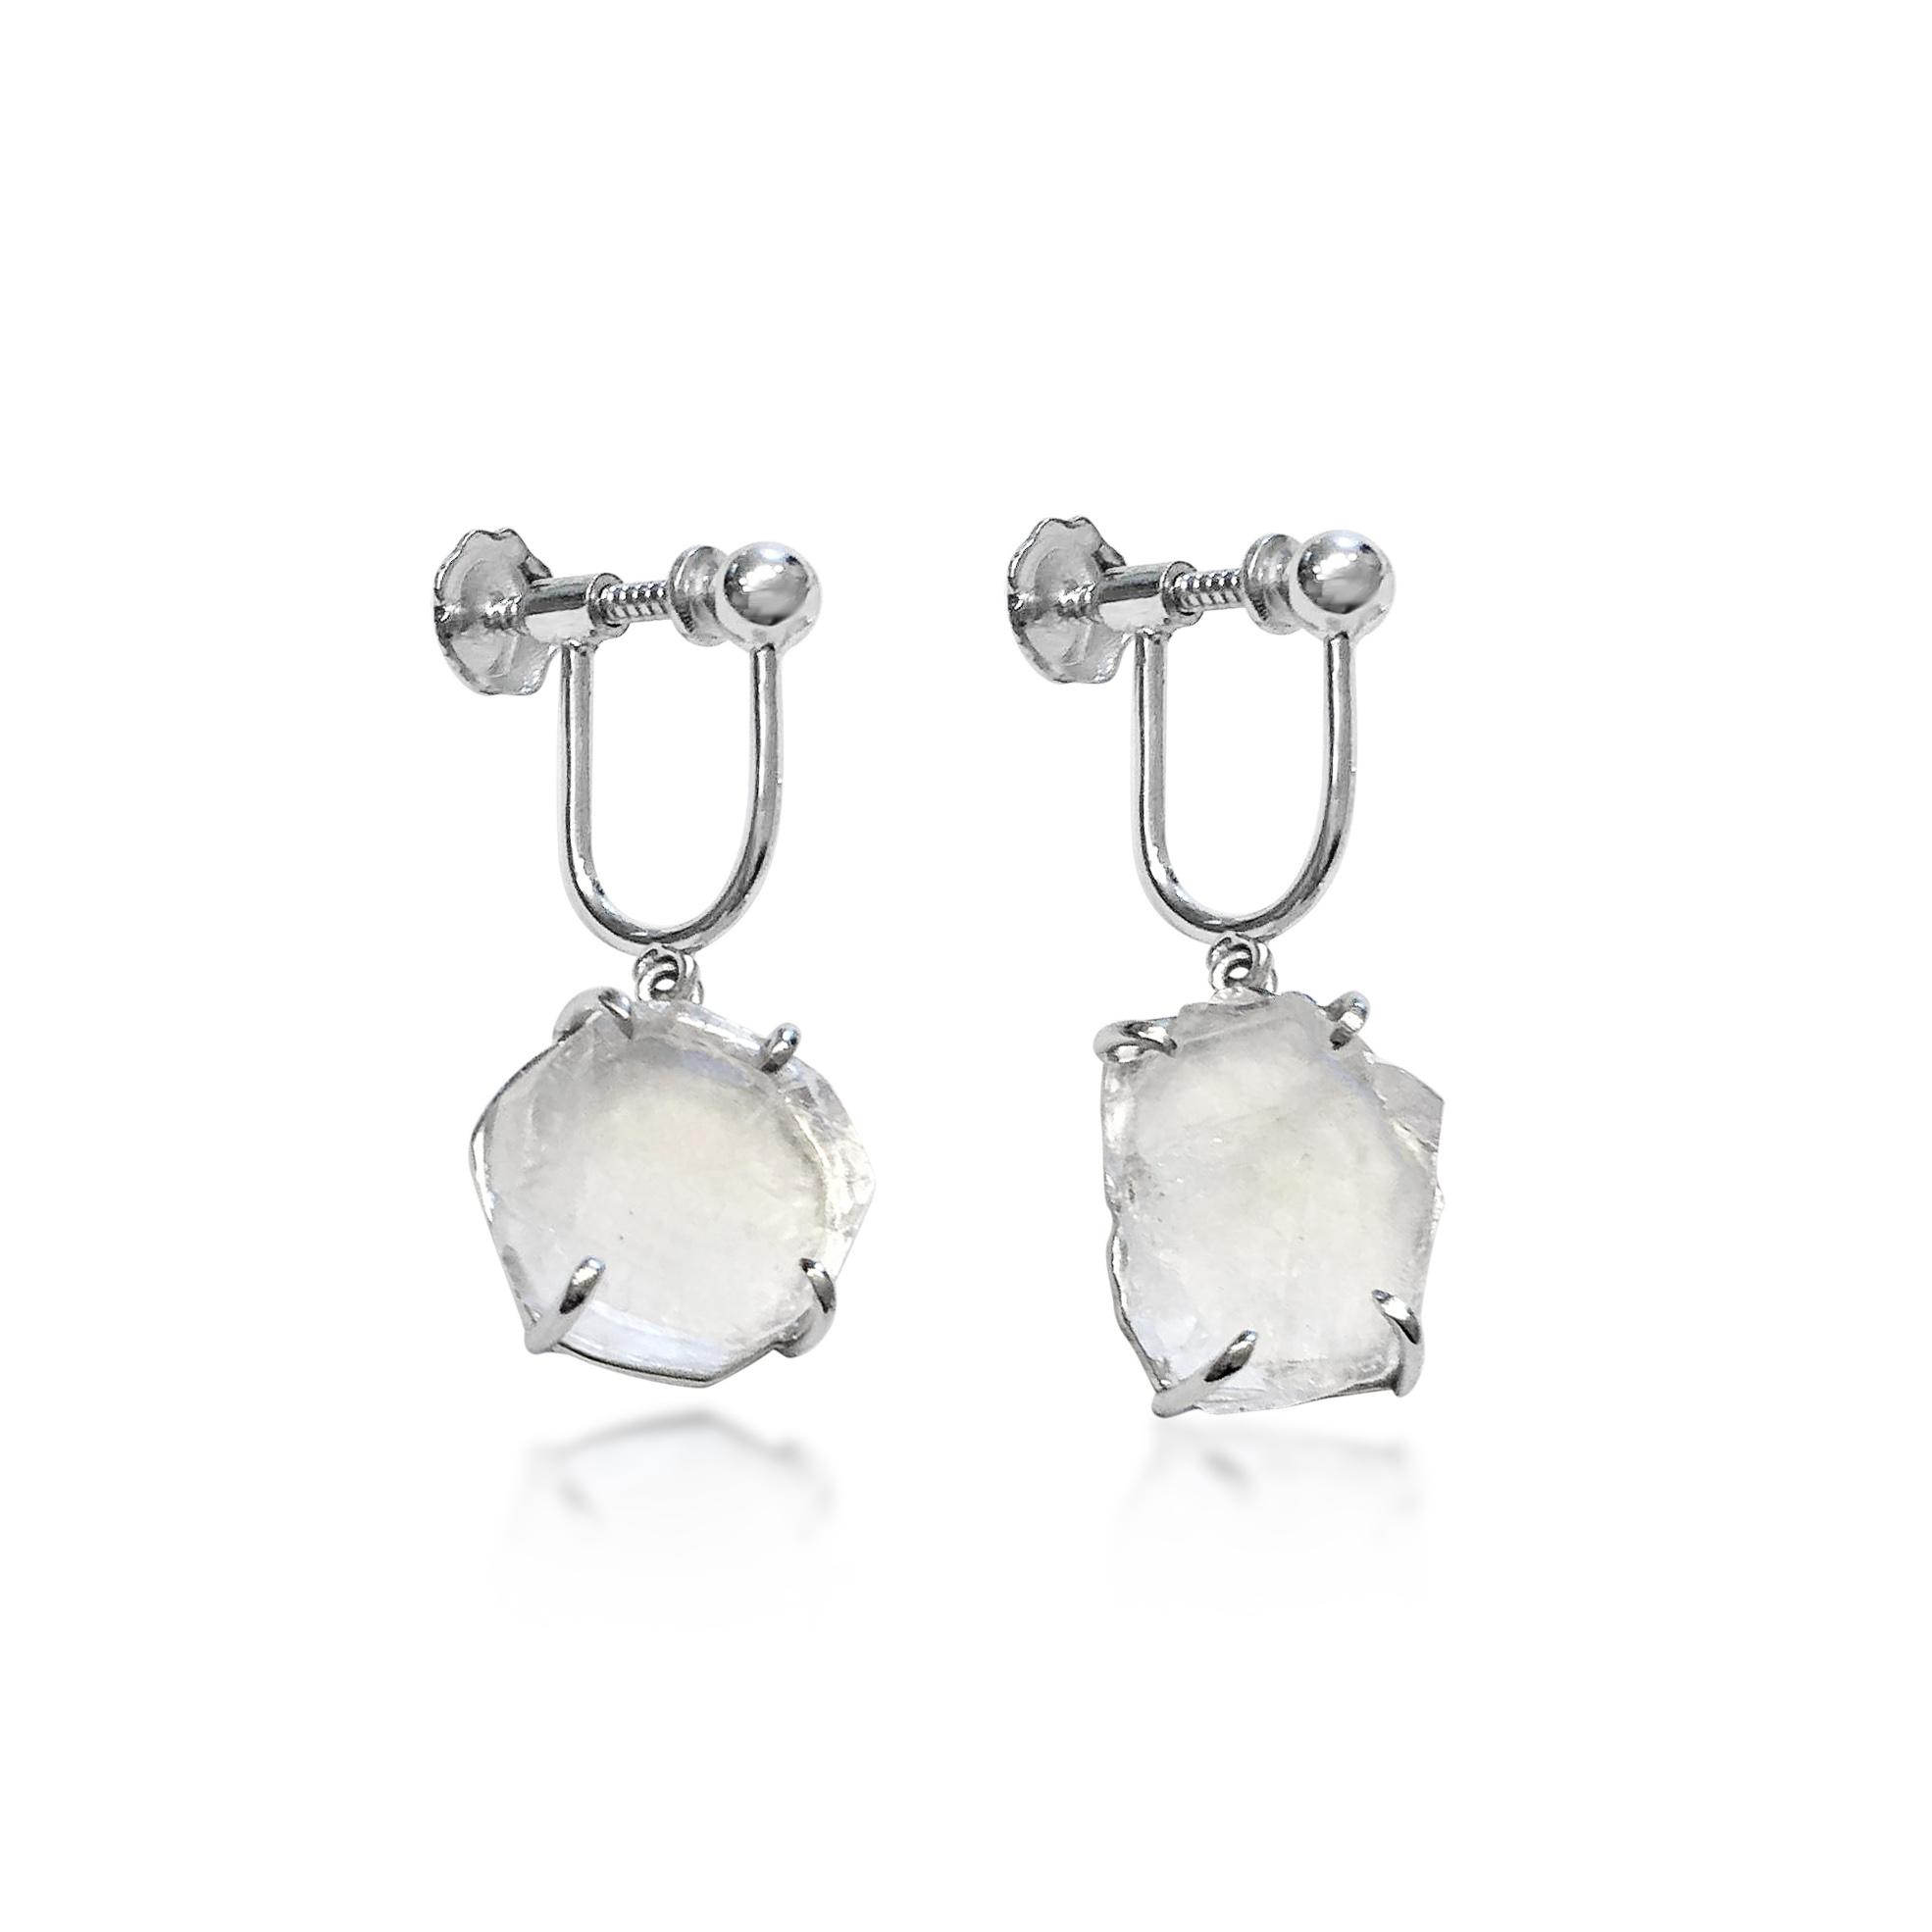 fluorite-drop-ear-pendats-set-in-18ct-white-gold-screw-back-fittings.jpg